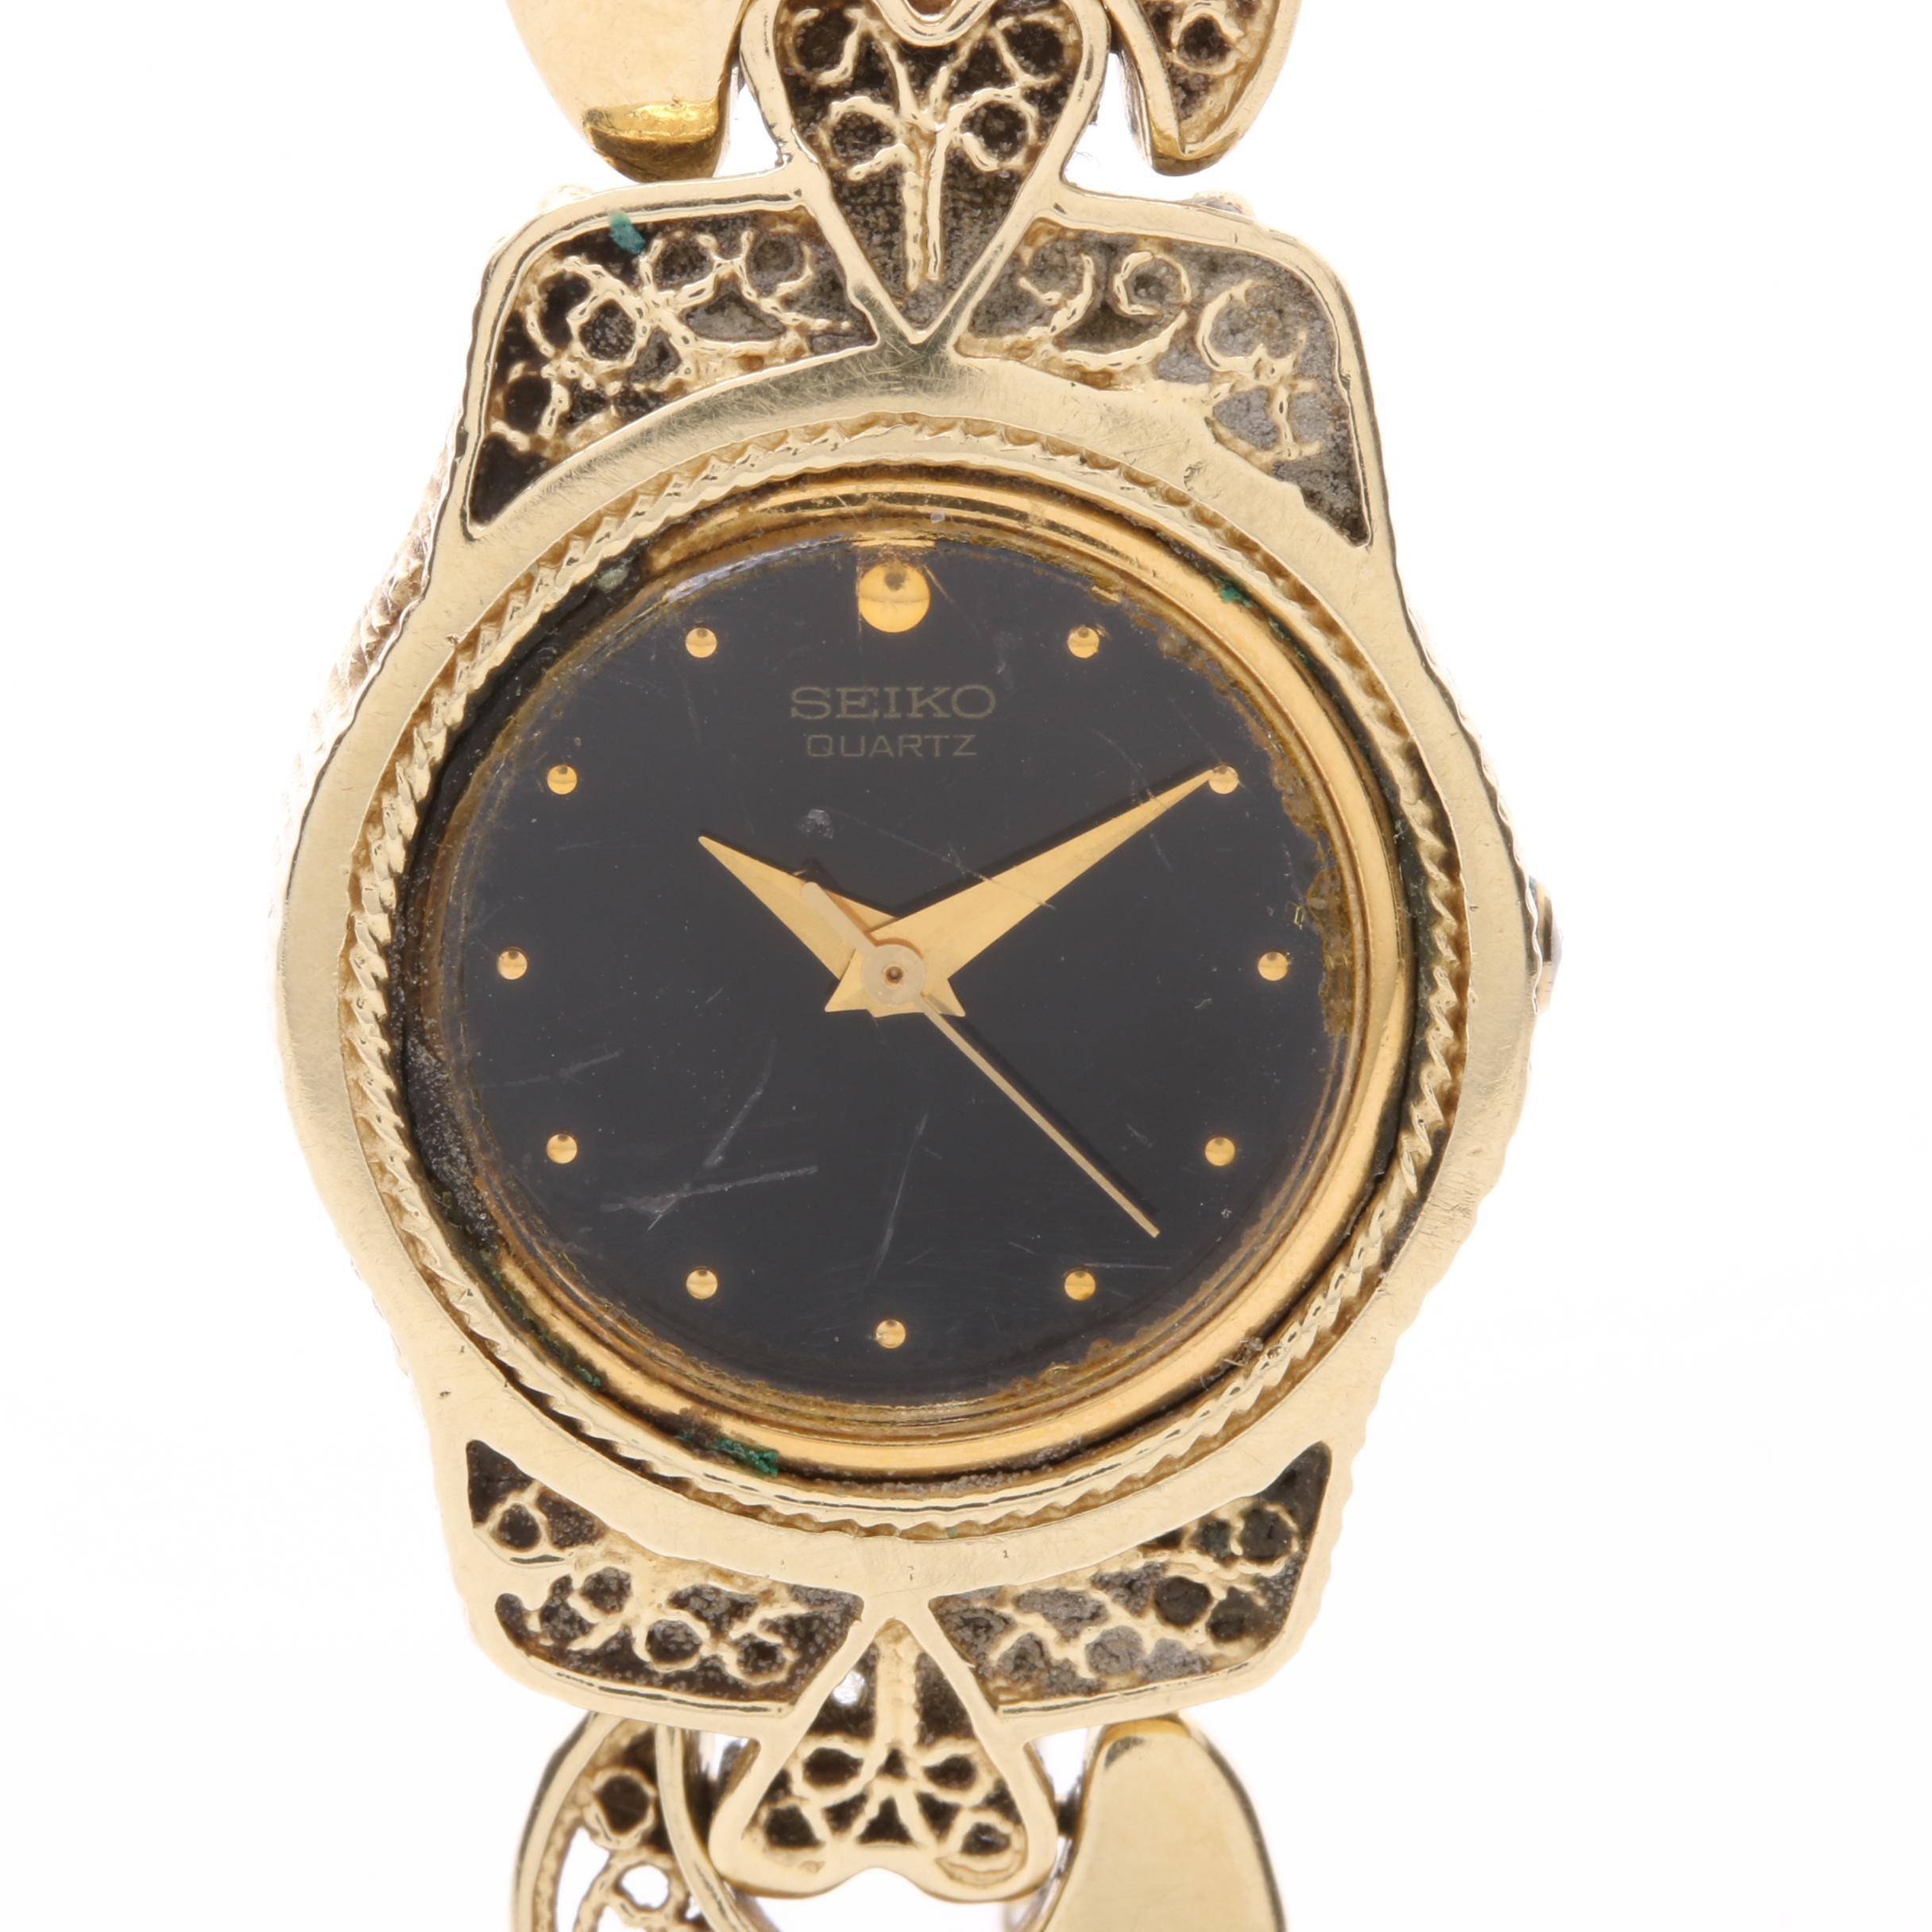 Seiko 14K Yellow Gold Quartz Wristwatch